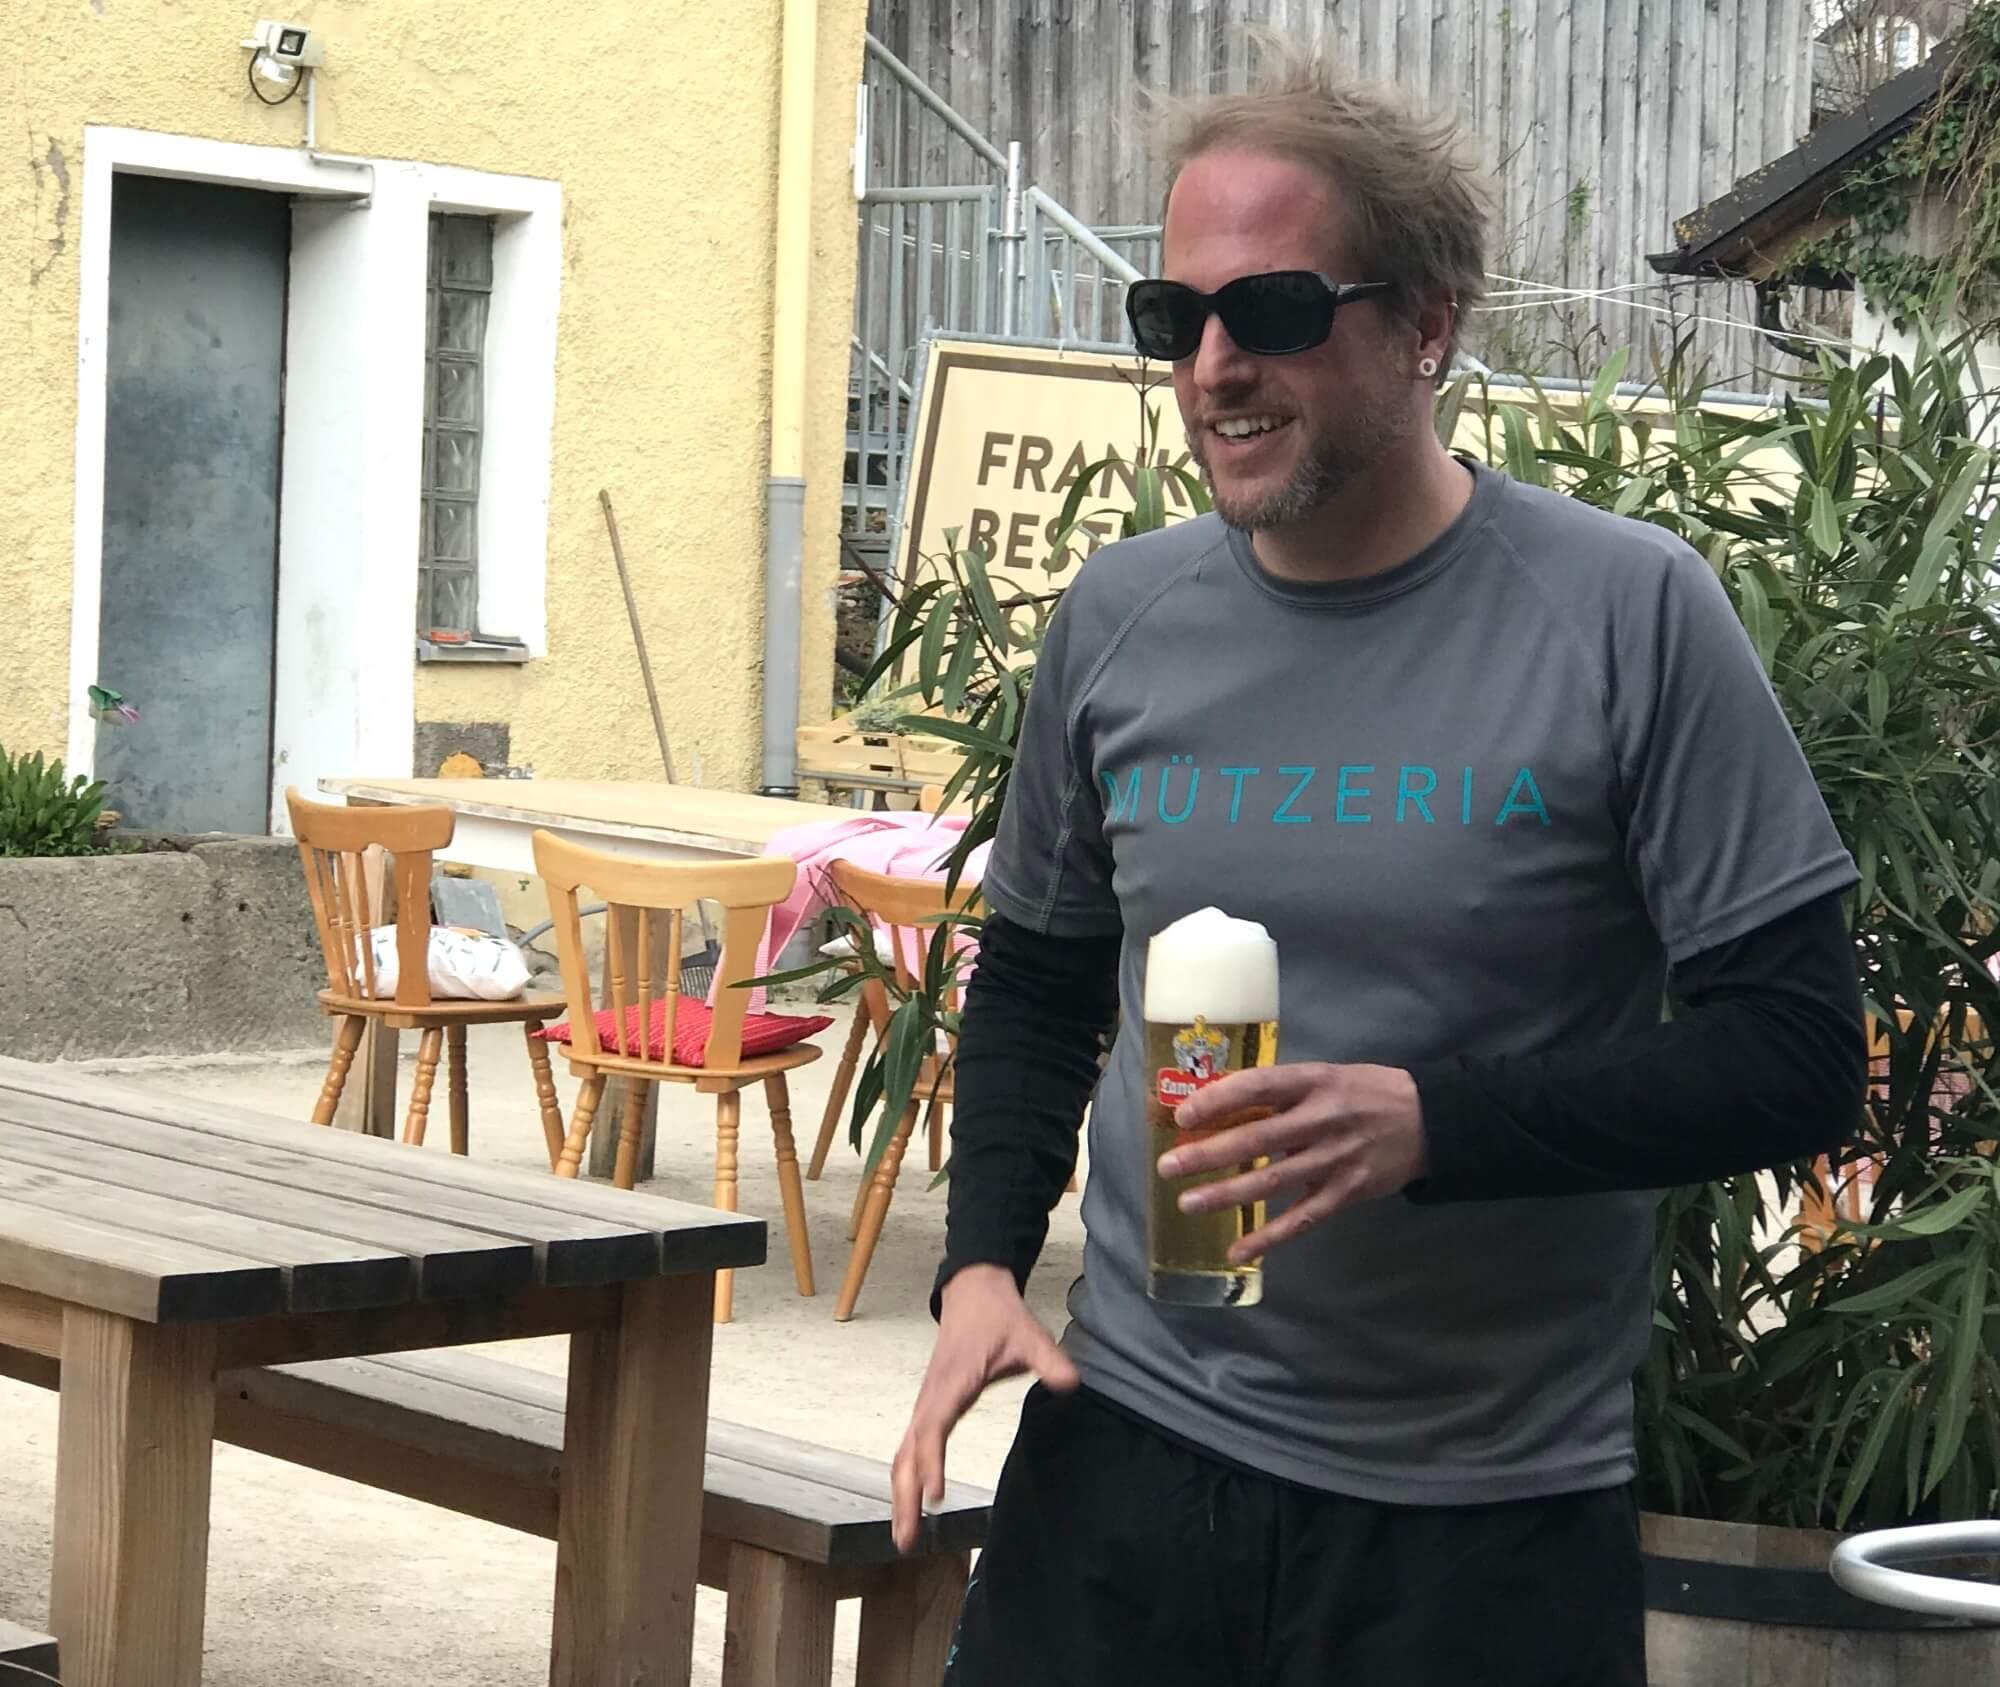 MÜTZERIA Marathon Bier für Björn